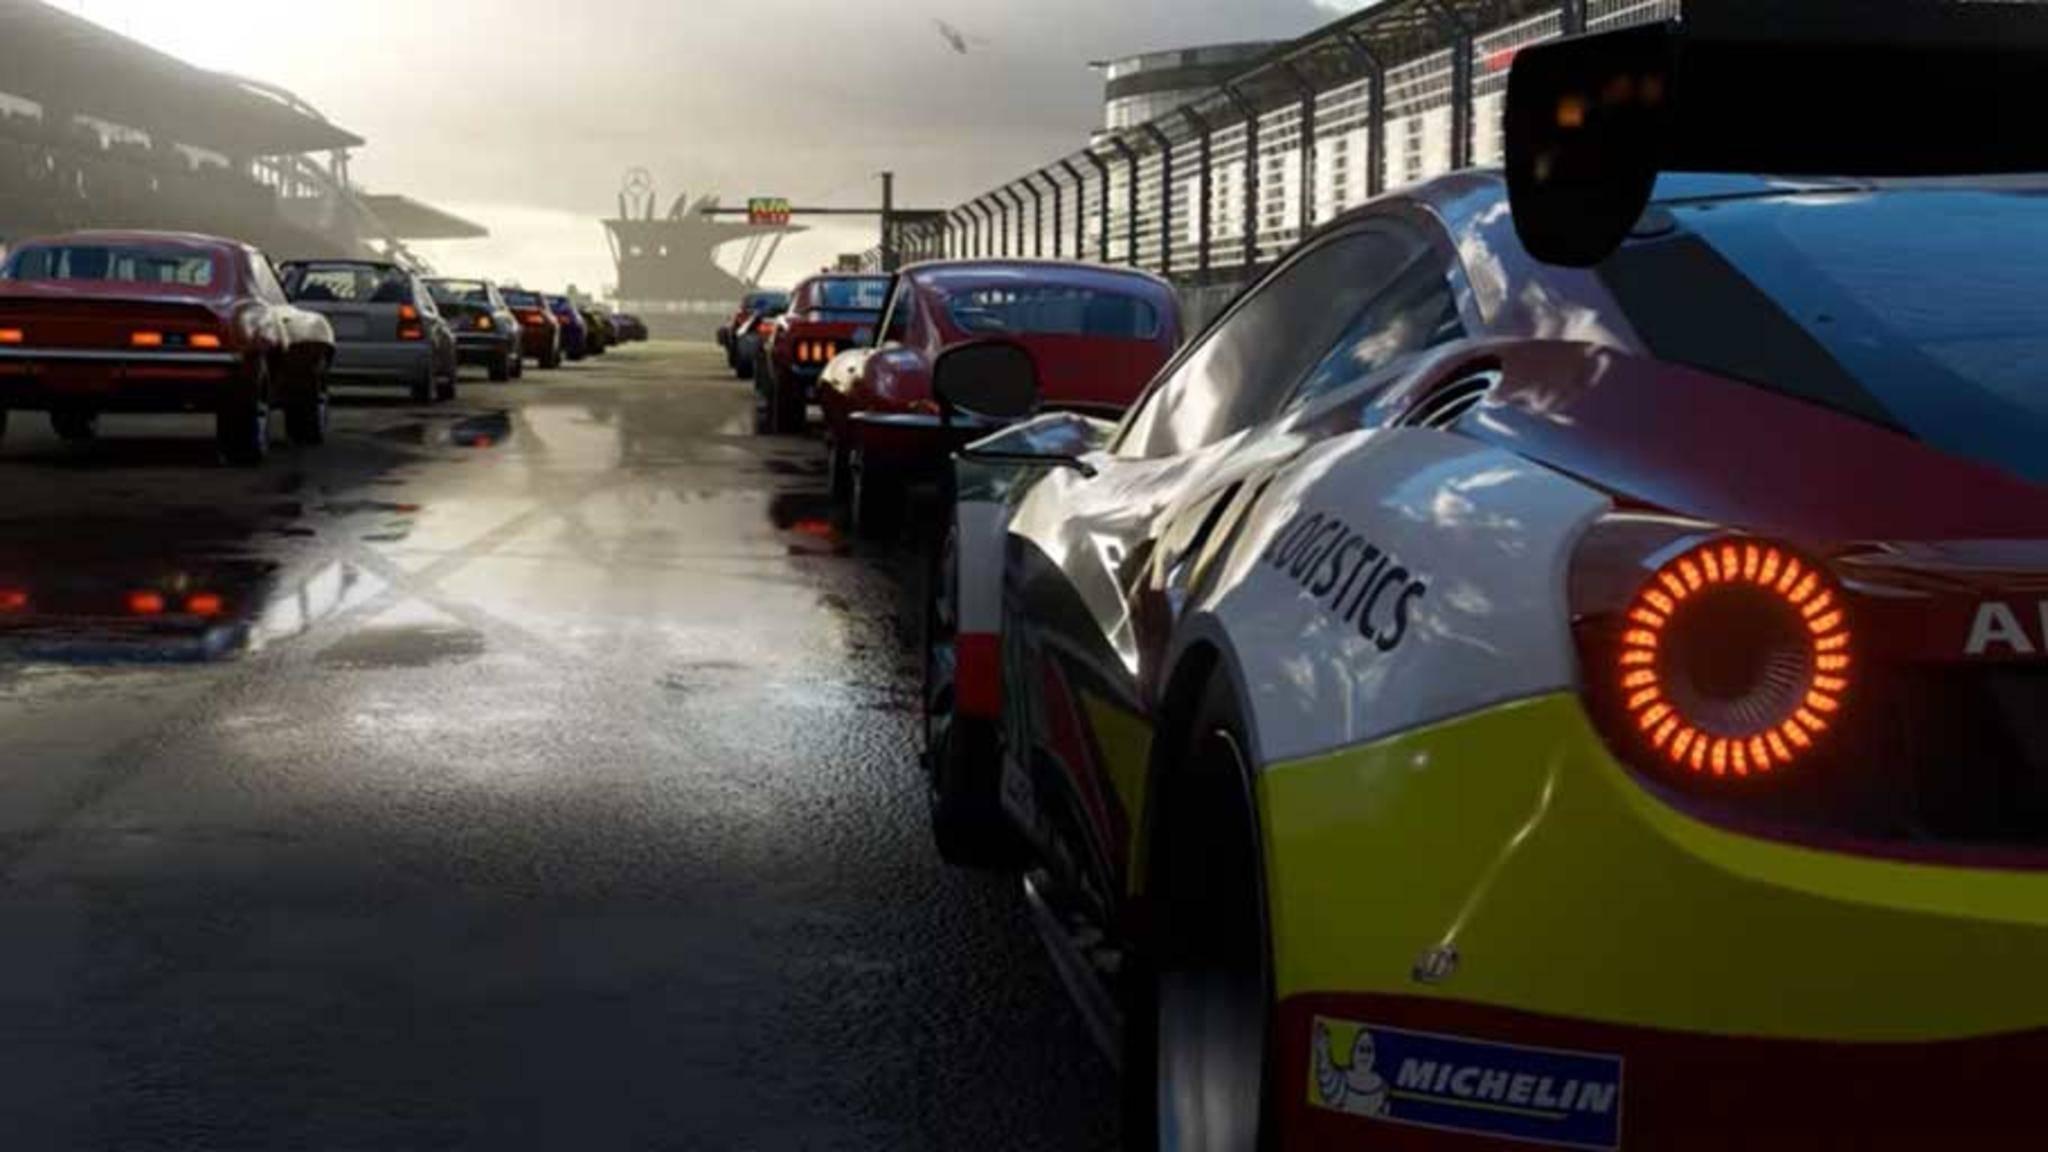 Xbox Scorpio: Microsoft will bald mehr über neue Spiele verraten.